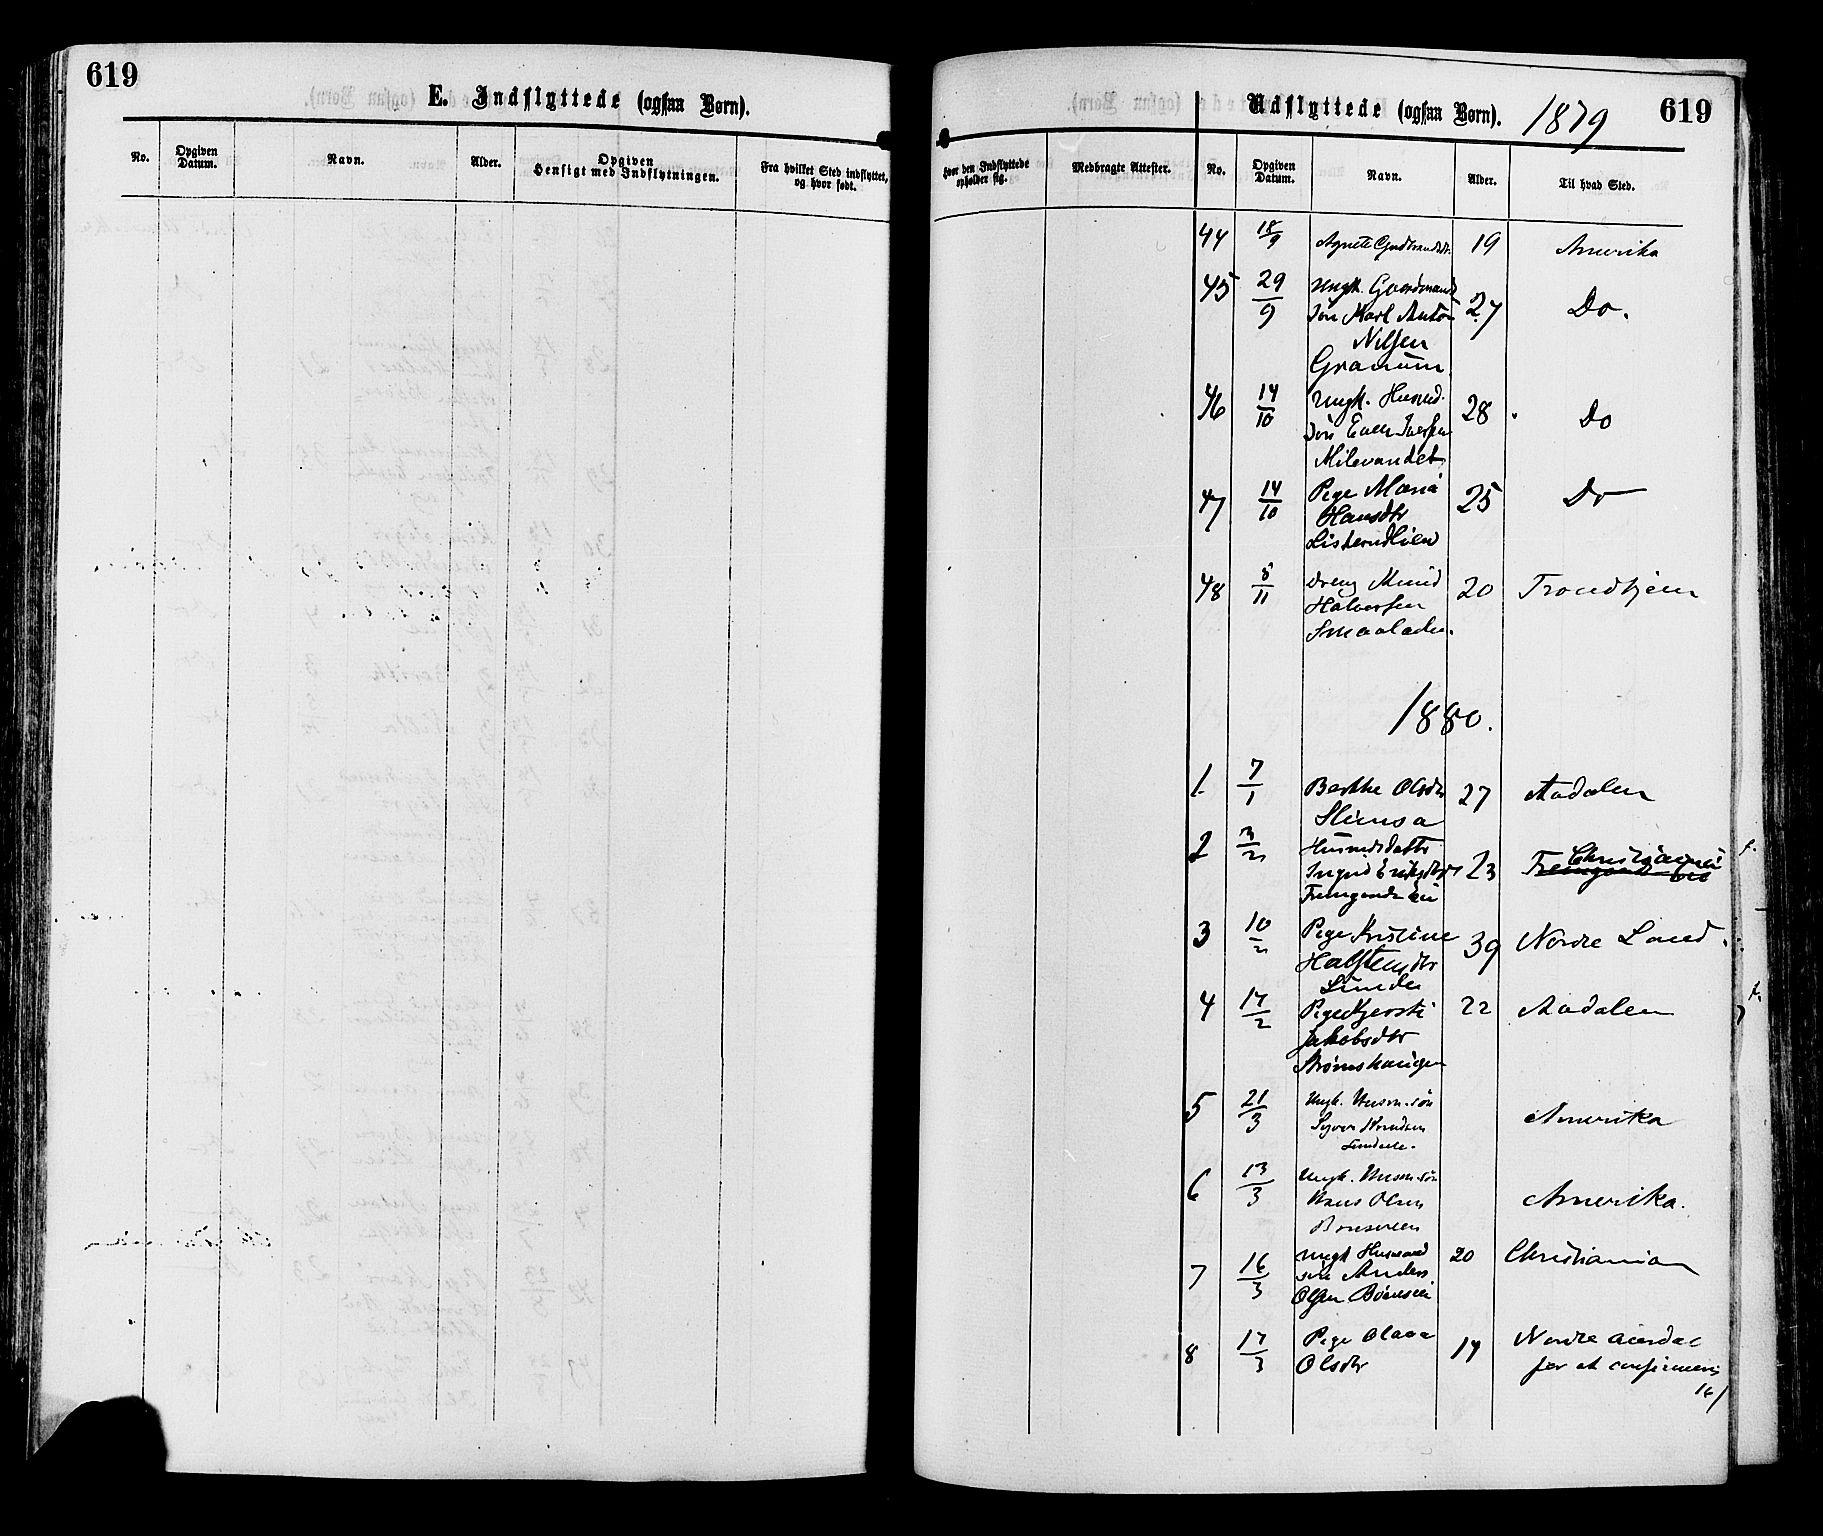 SAH, Sør-Aurdal prestekontor, Ministerialbok nr. 8, 1877-1885, s. 619